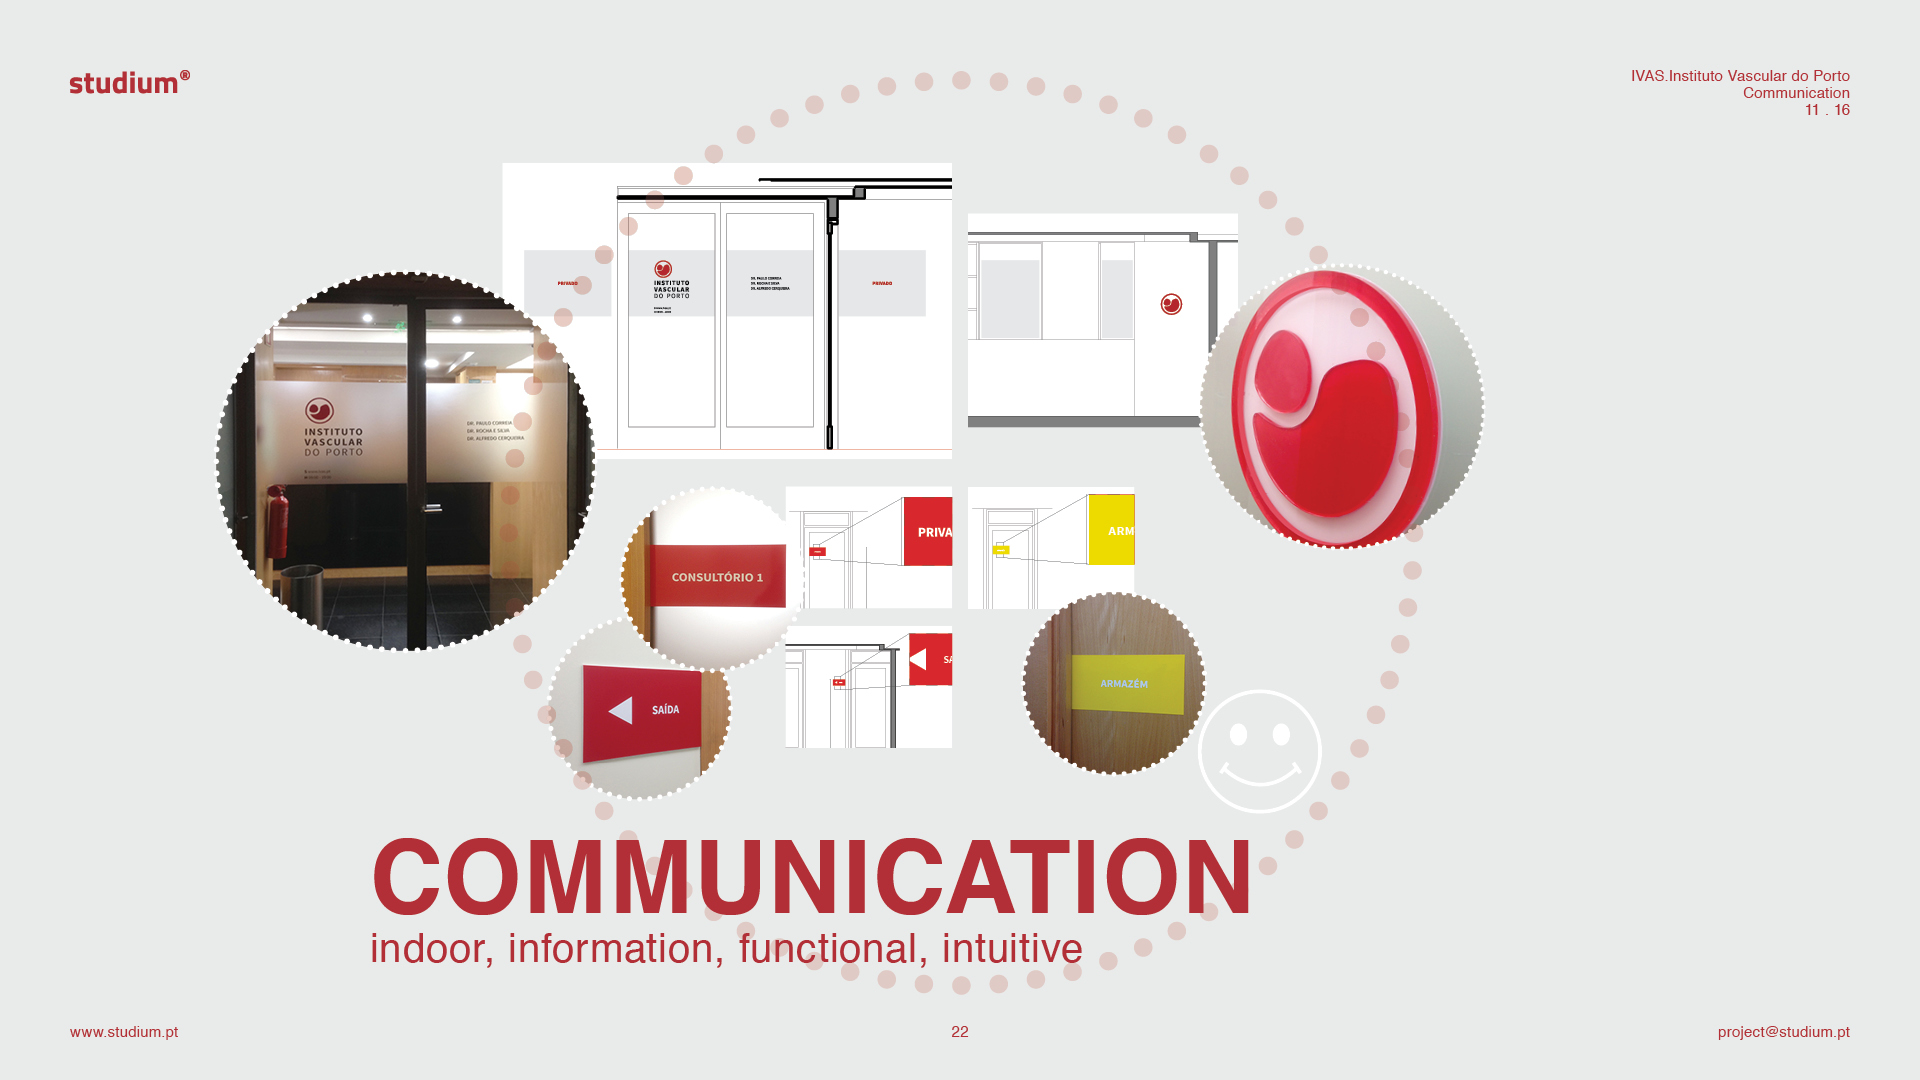 DSN20150055-IVAS-Comunicacao-PU.022